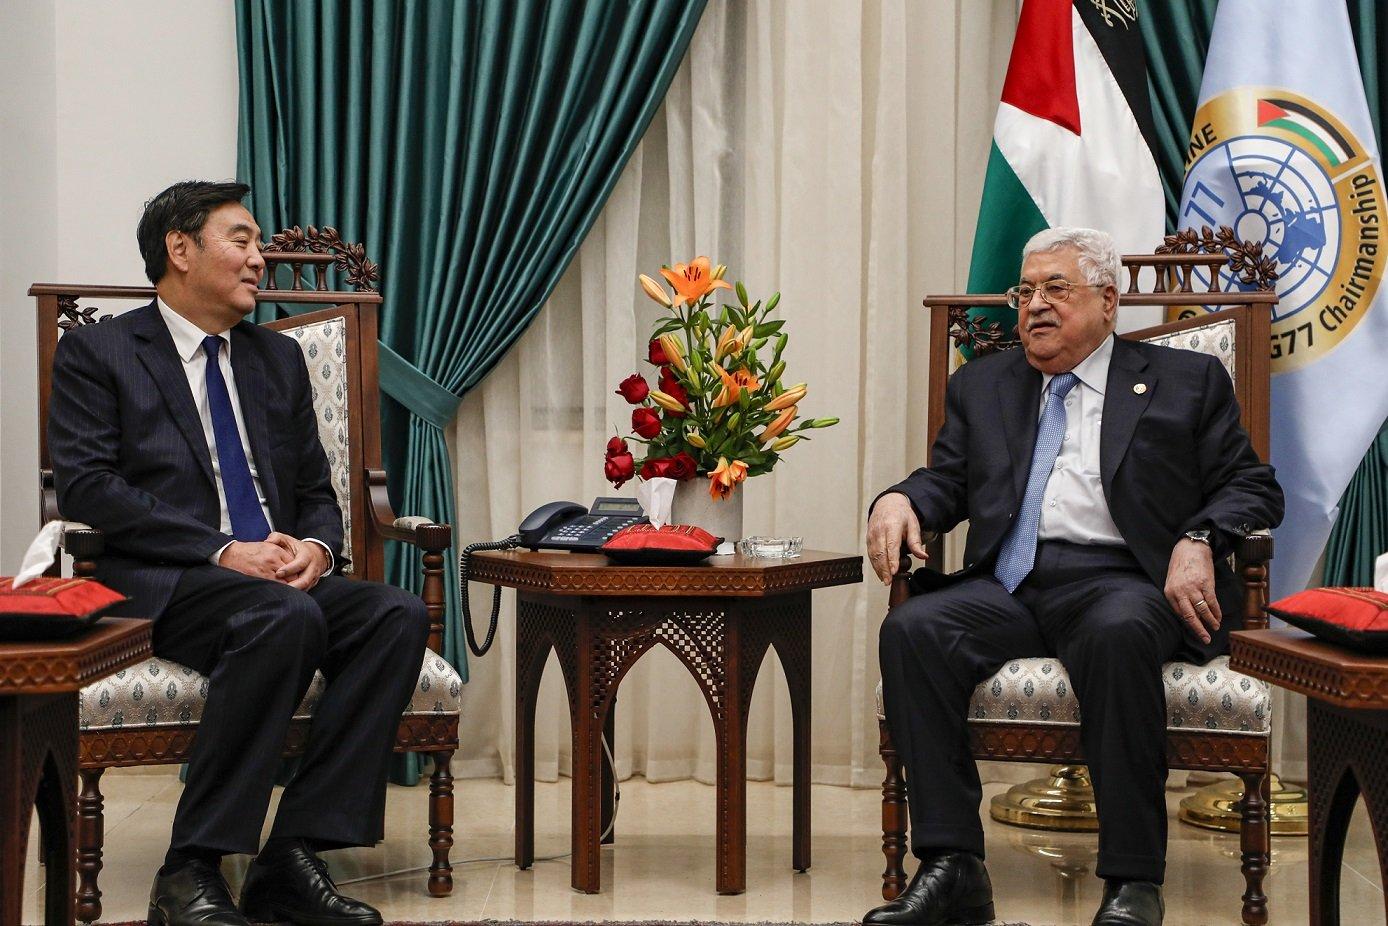 Zhai Jun, envoyé spécial du gouvernement chinois pour le Moyen-Orient, rencontre le président palestinien Mahmoud Abbas à Ramallah, en Cisjordanie occupée, le 7 décembre 2019 (AFP)